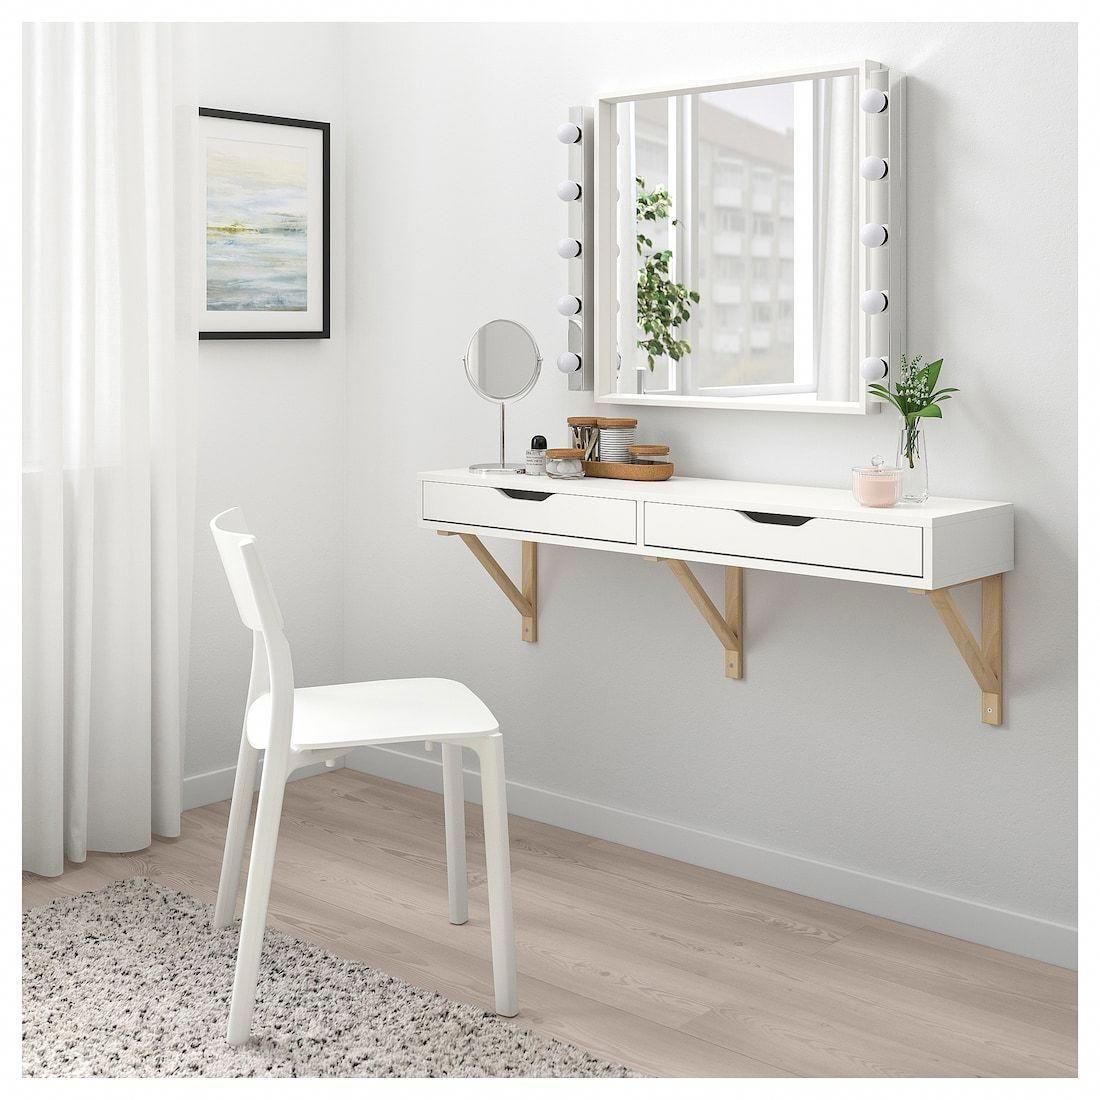 Ekby Alex Shelf With Drawers White 46 7 8x11 3 8 Ikea Wall Shelf With Drawer Ikea Wall Shelves Ikea Ekby